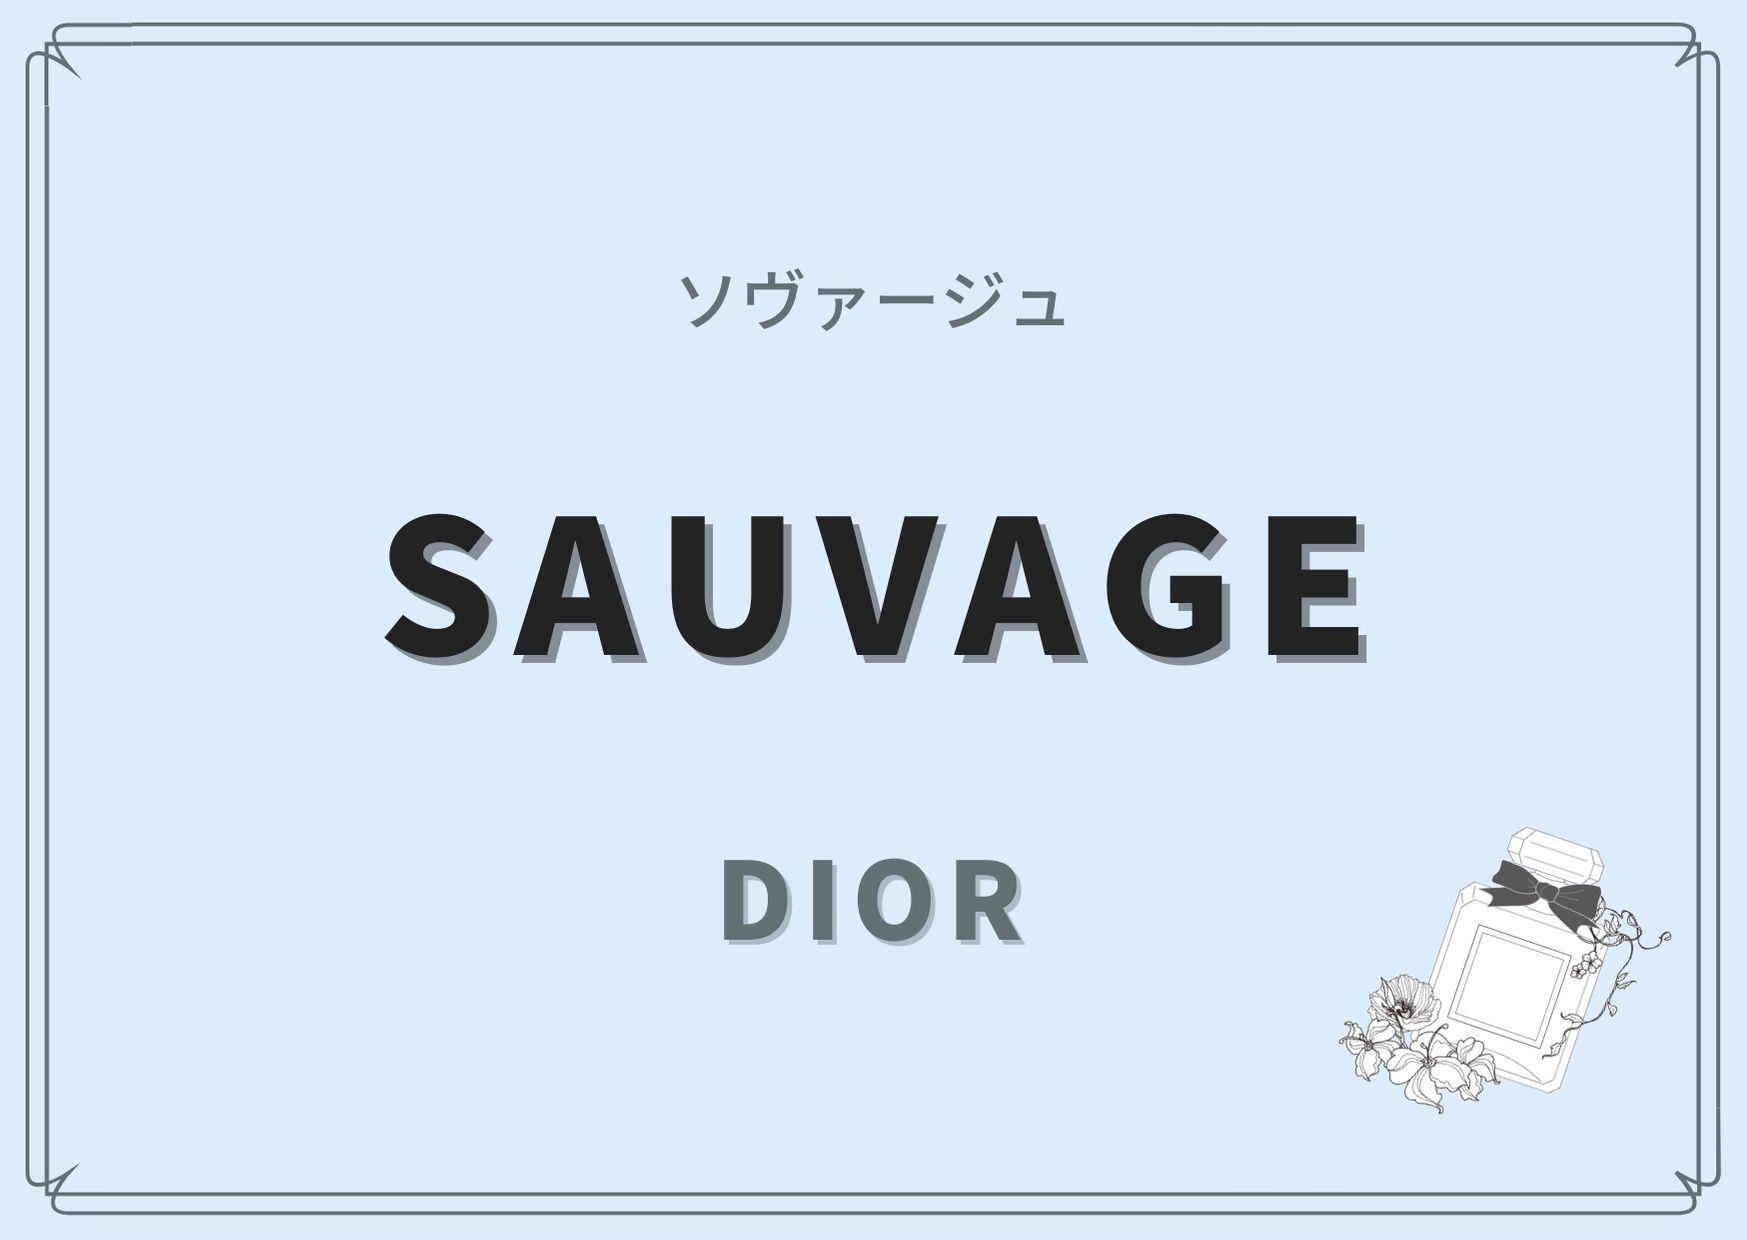 Sauvage(ソヴァージュ)/DIOR(ディオール)